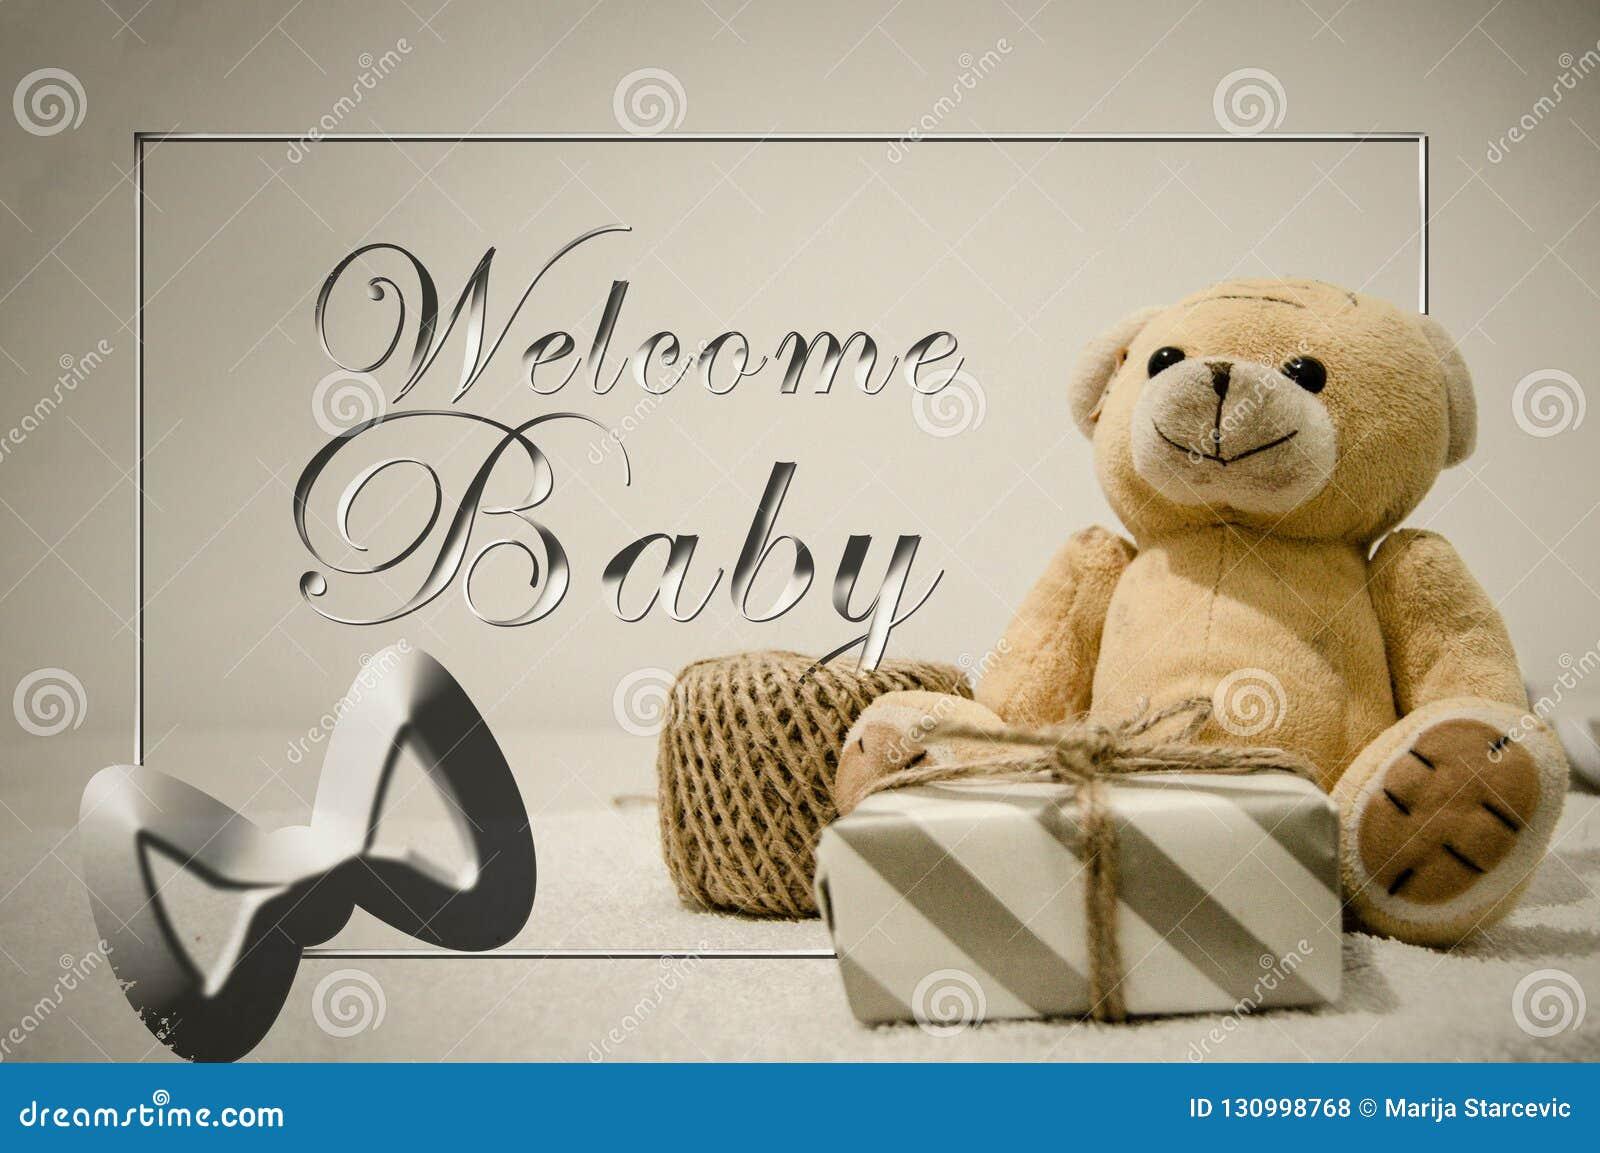 Juguete suave del oso de peluche con una fiesta de bienvenida al bebé de la caja y del texto de regalo